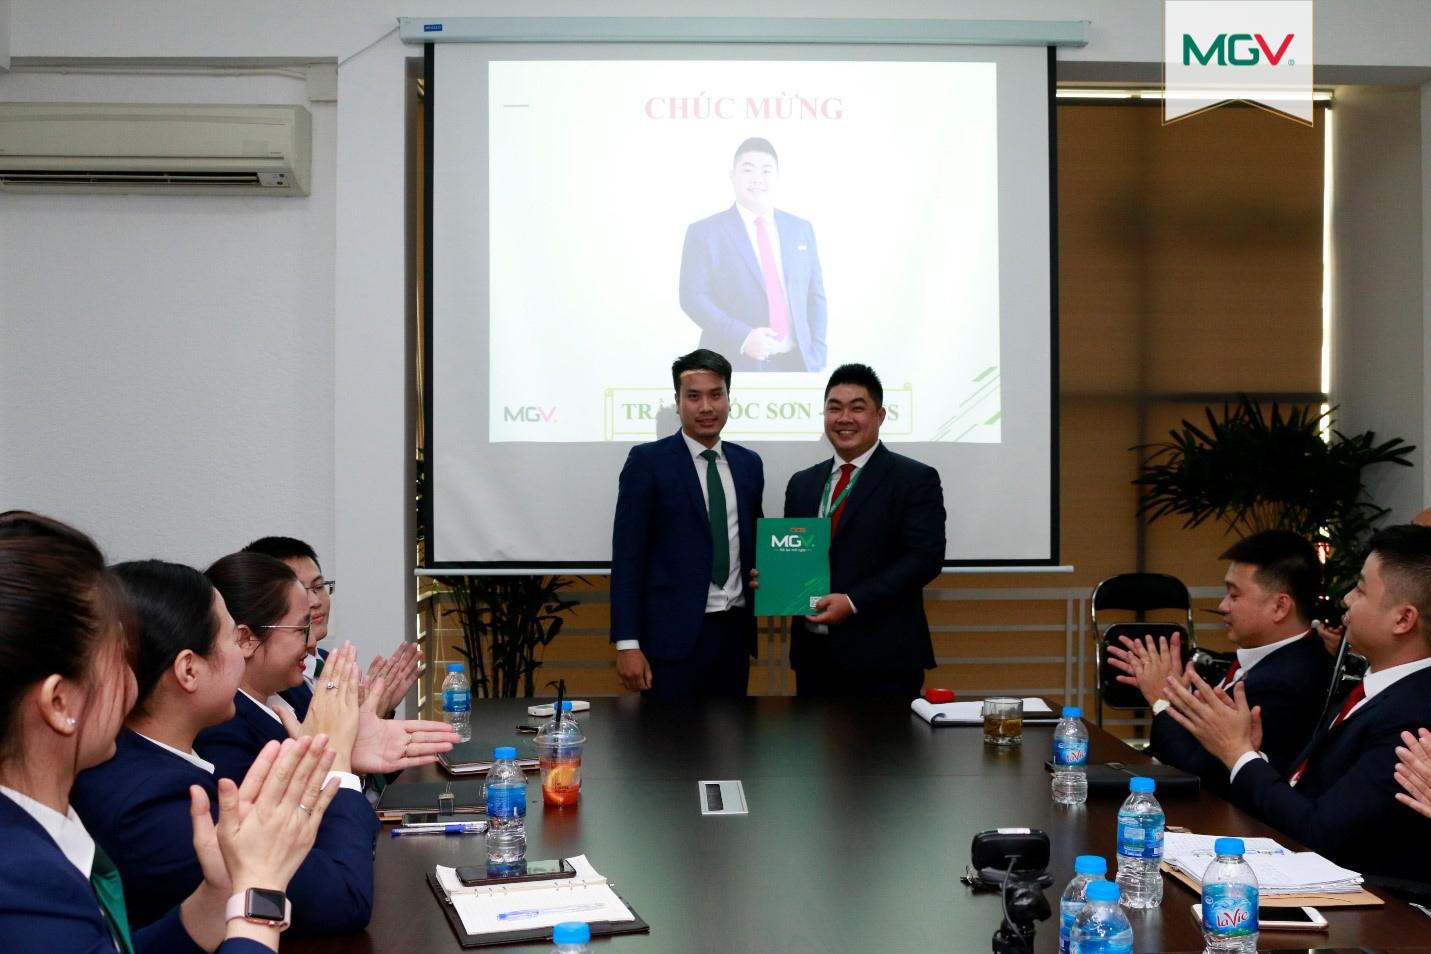 Trao hợp đồng lao động chính thức cho anh Trần Quốc Sơn – MGV.S (4-5-2020)